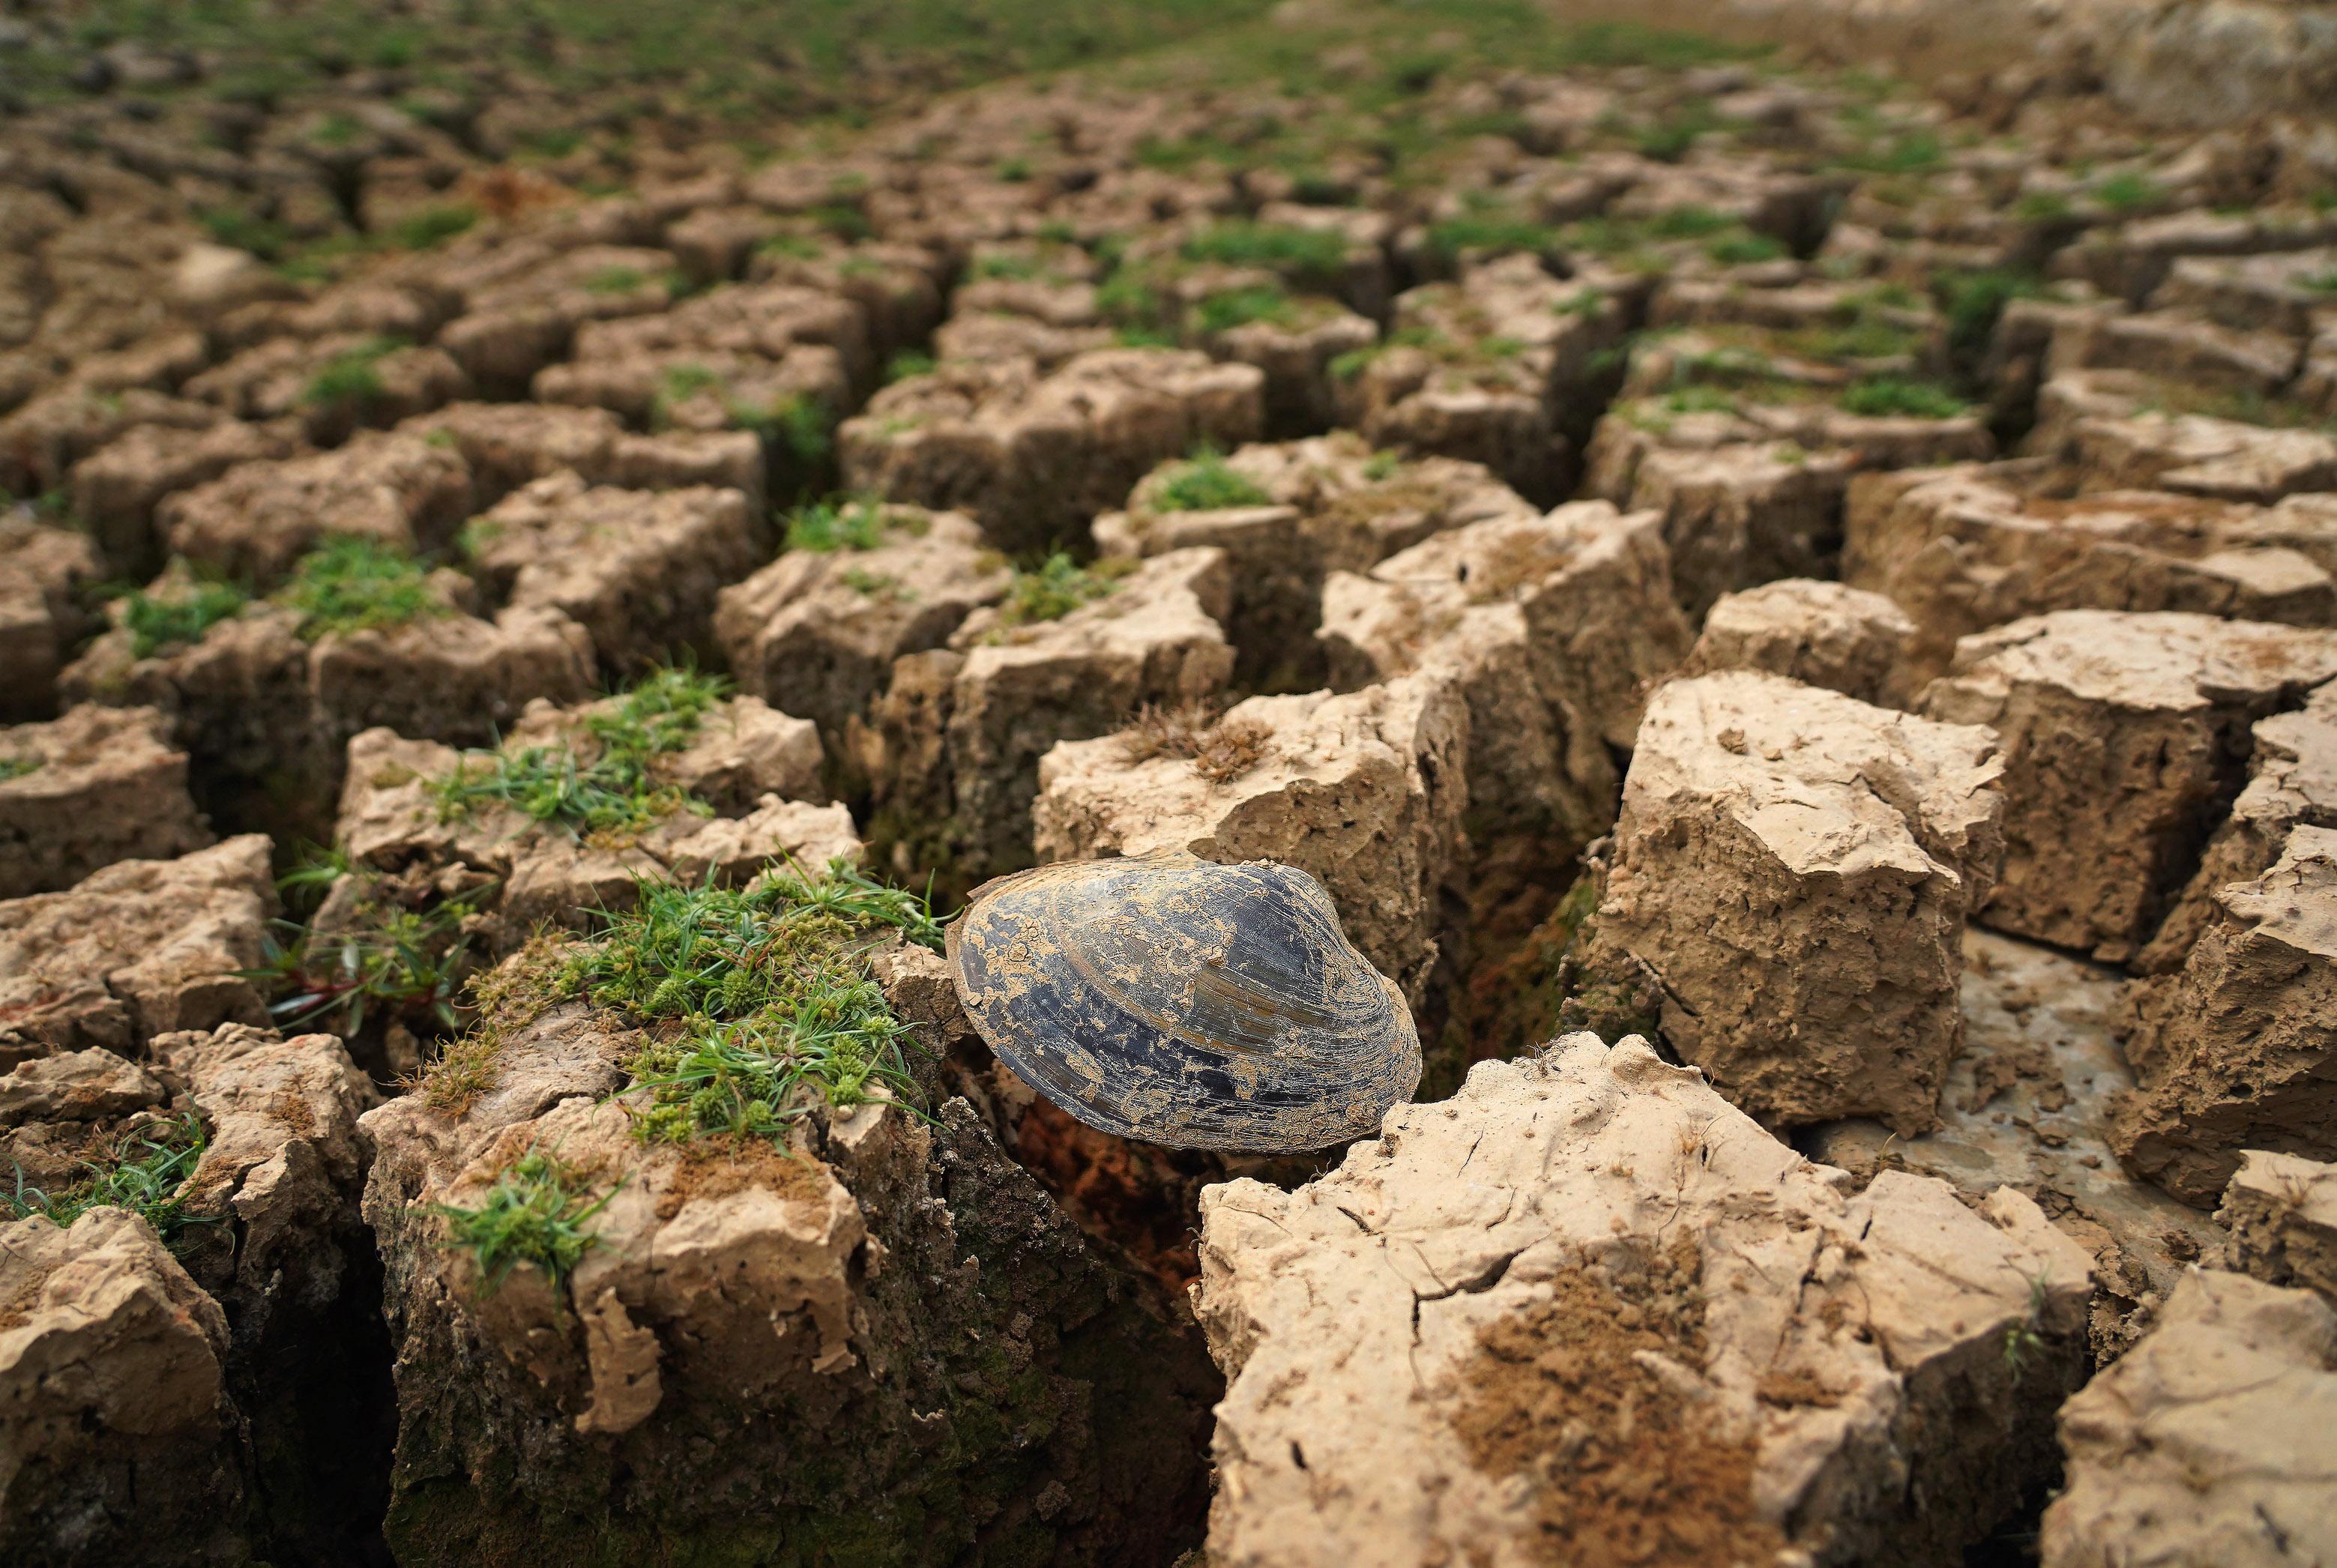 中国・江西省各地で干ばつ被害 水不足深刻に